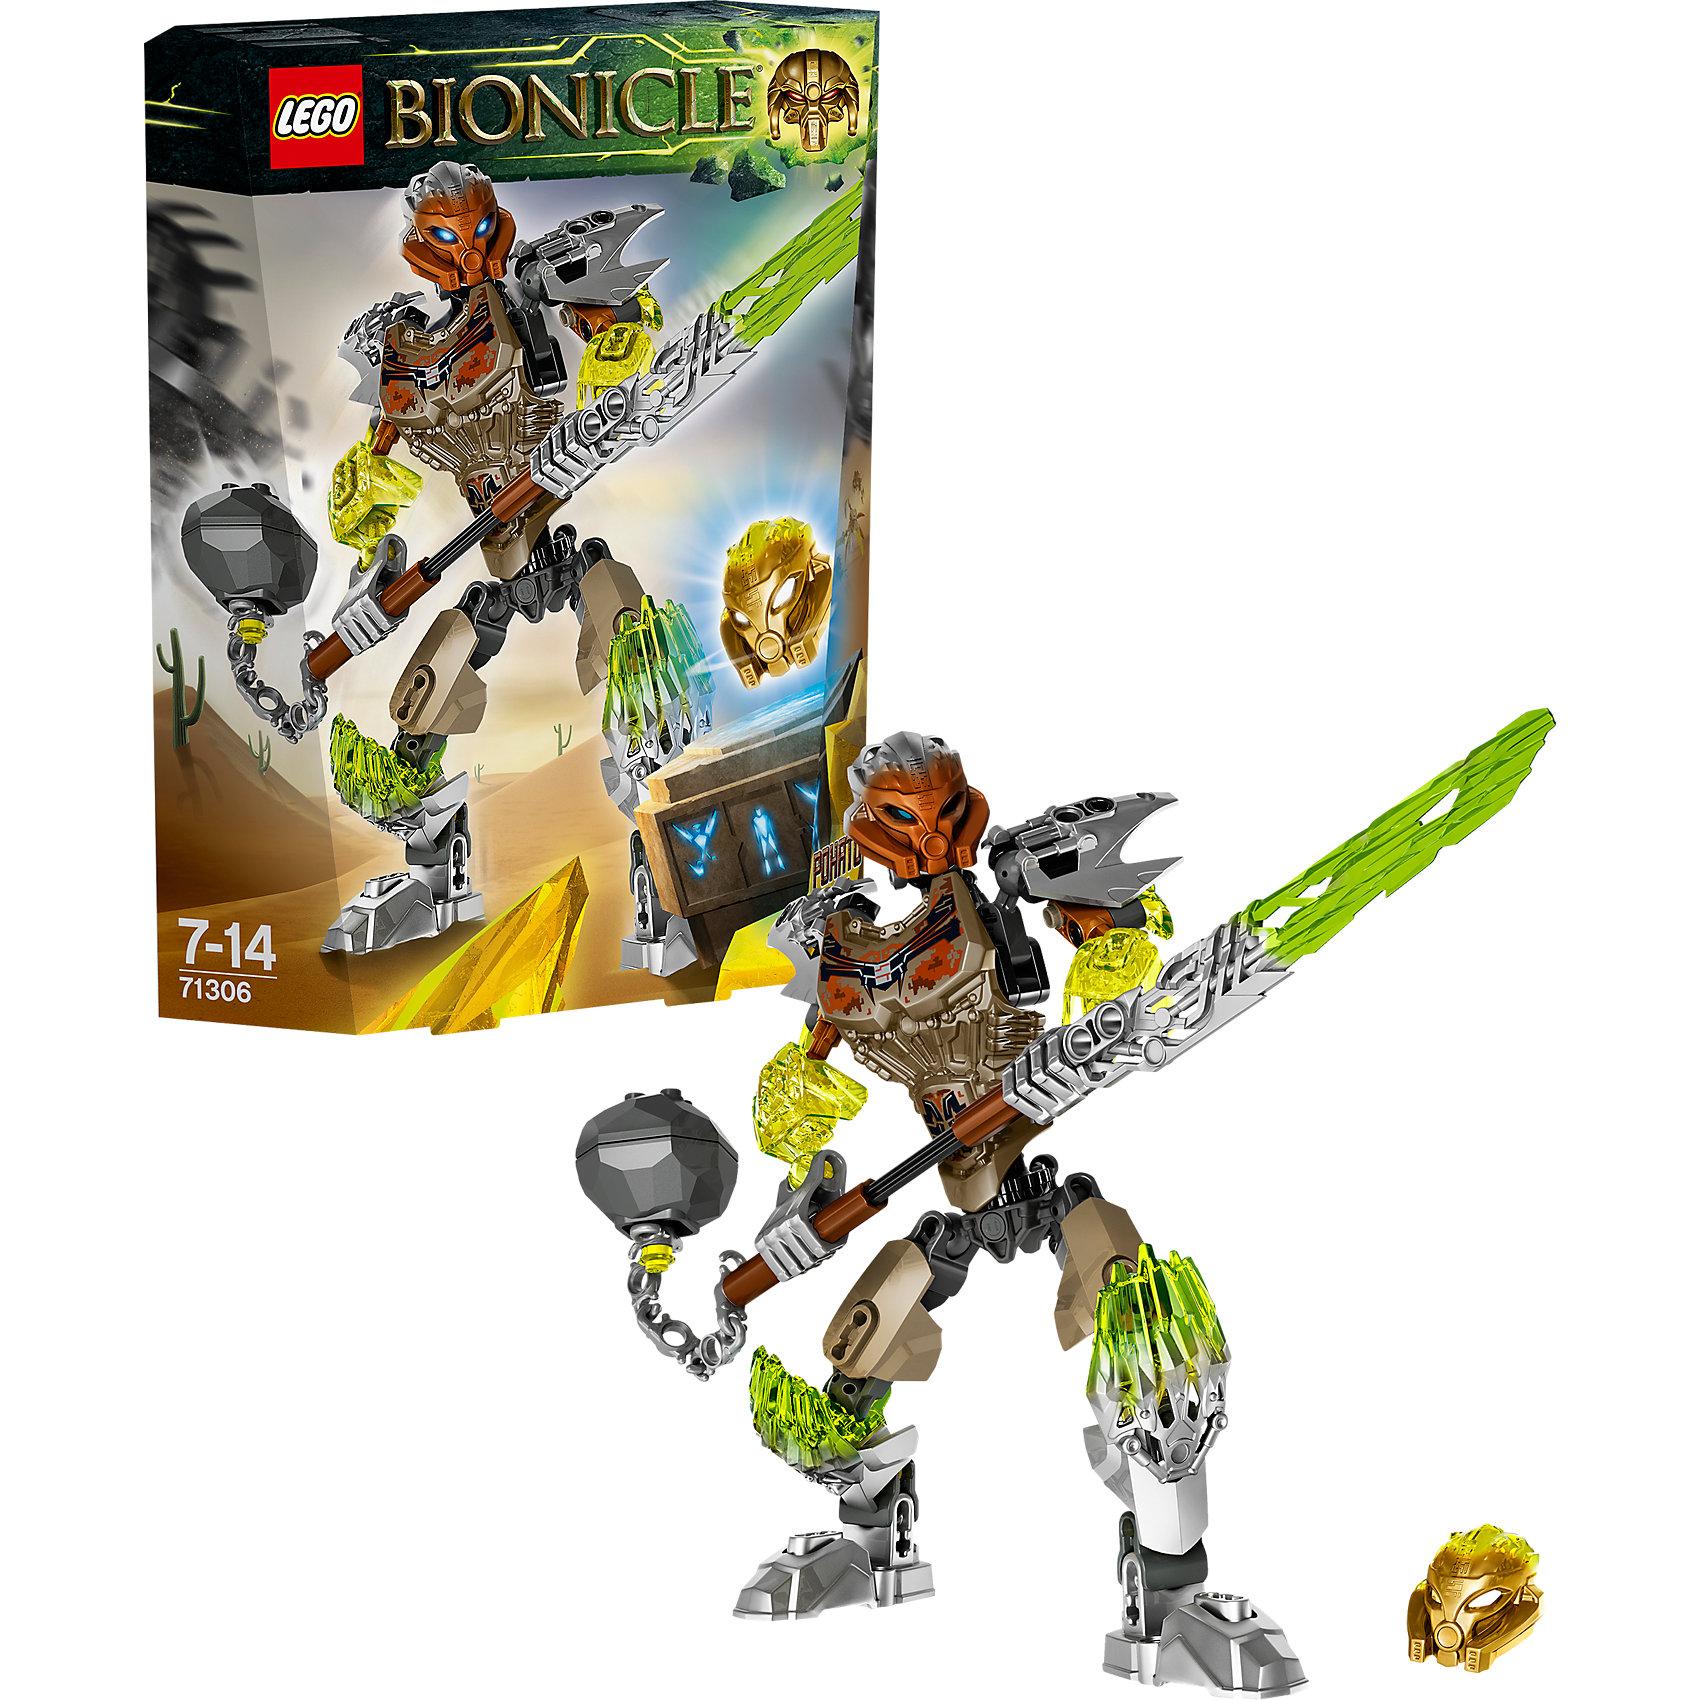 LEGO LEGO BIONICLE 71306: Похату - Объединитель Камня bionicle максилос и спинакс